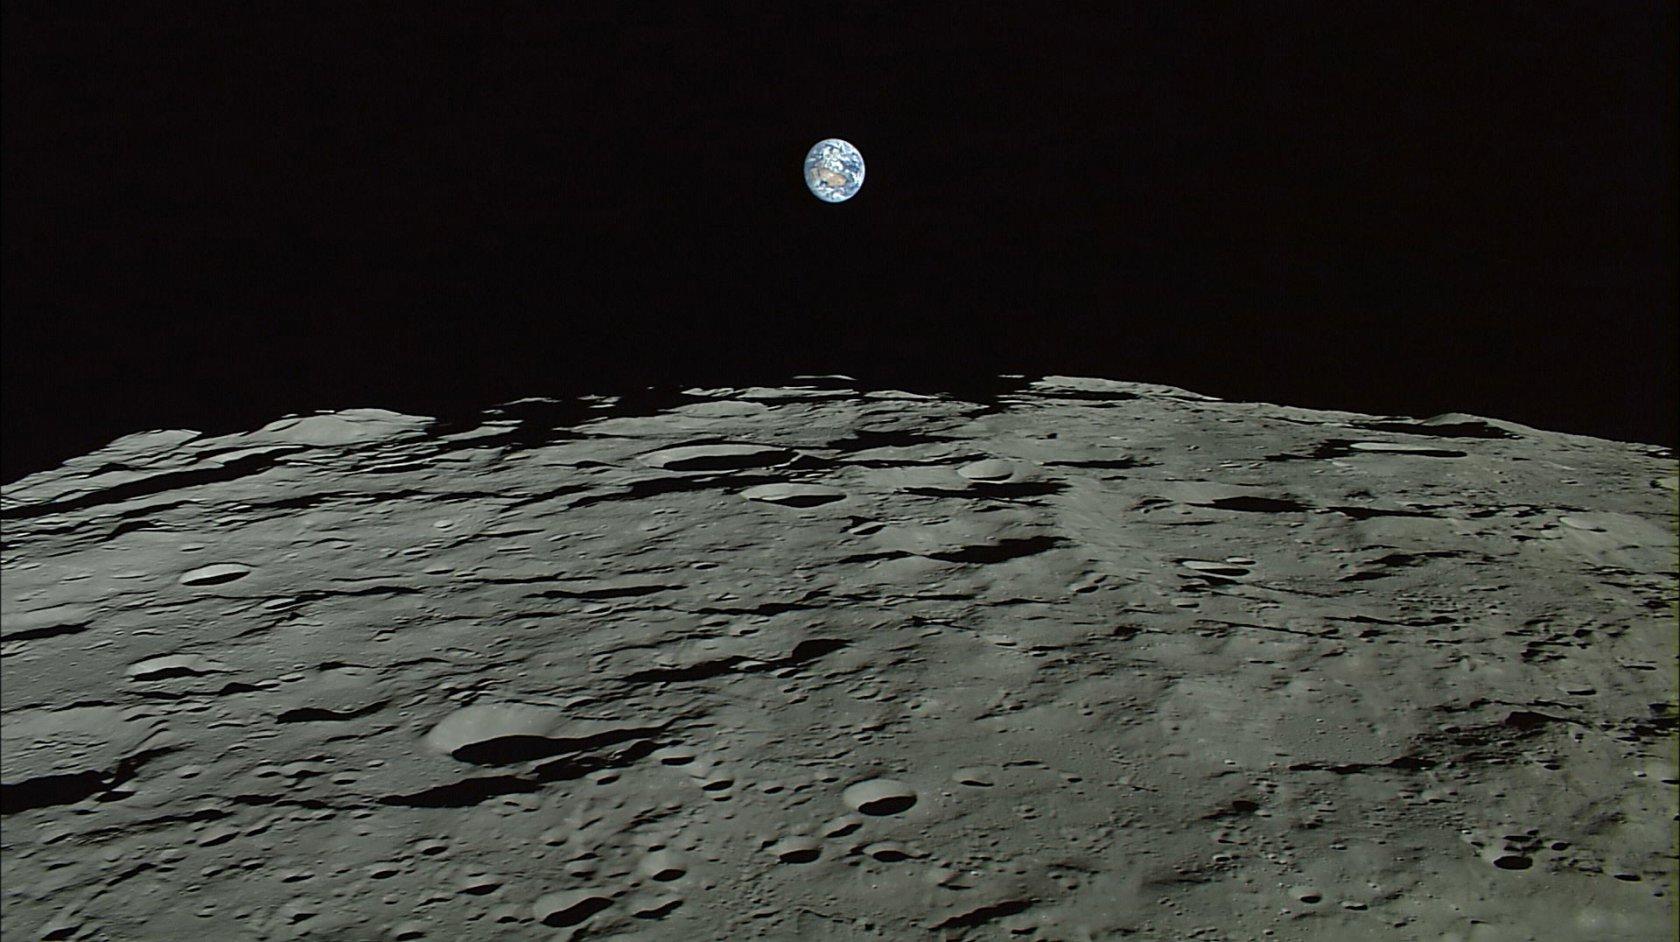 بالصور صور عن القمر , اجمل خلفيات للقمر المنير 3714 11